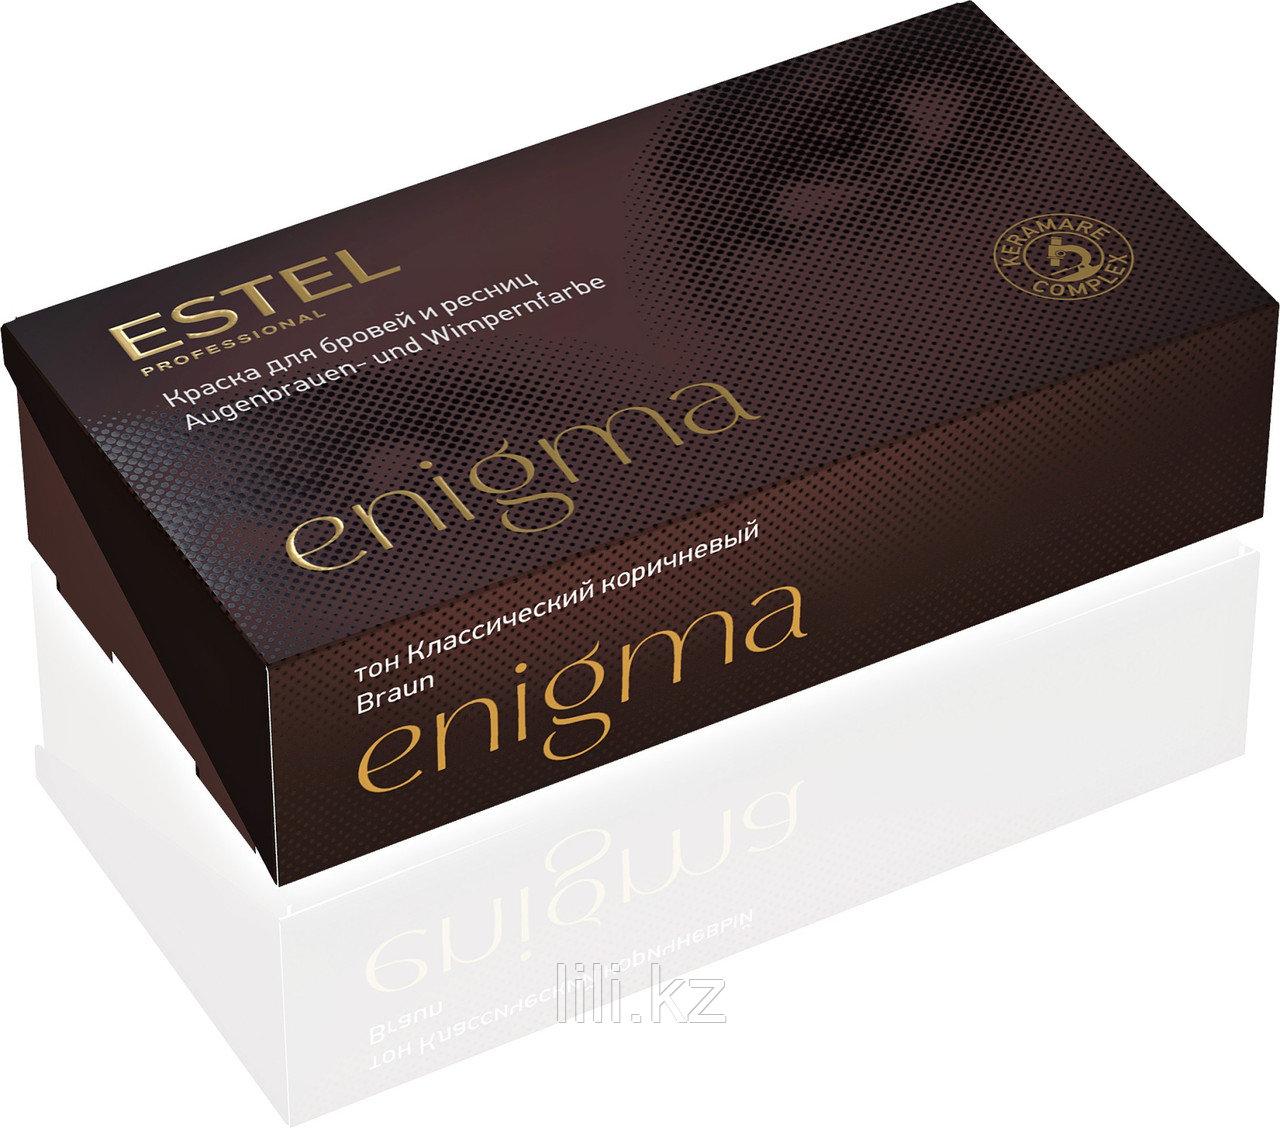 Краска для бровей и ресниц ESTEL ENIGMA 20/20 мл. (Тон классический коричневый / Арт. EN4)